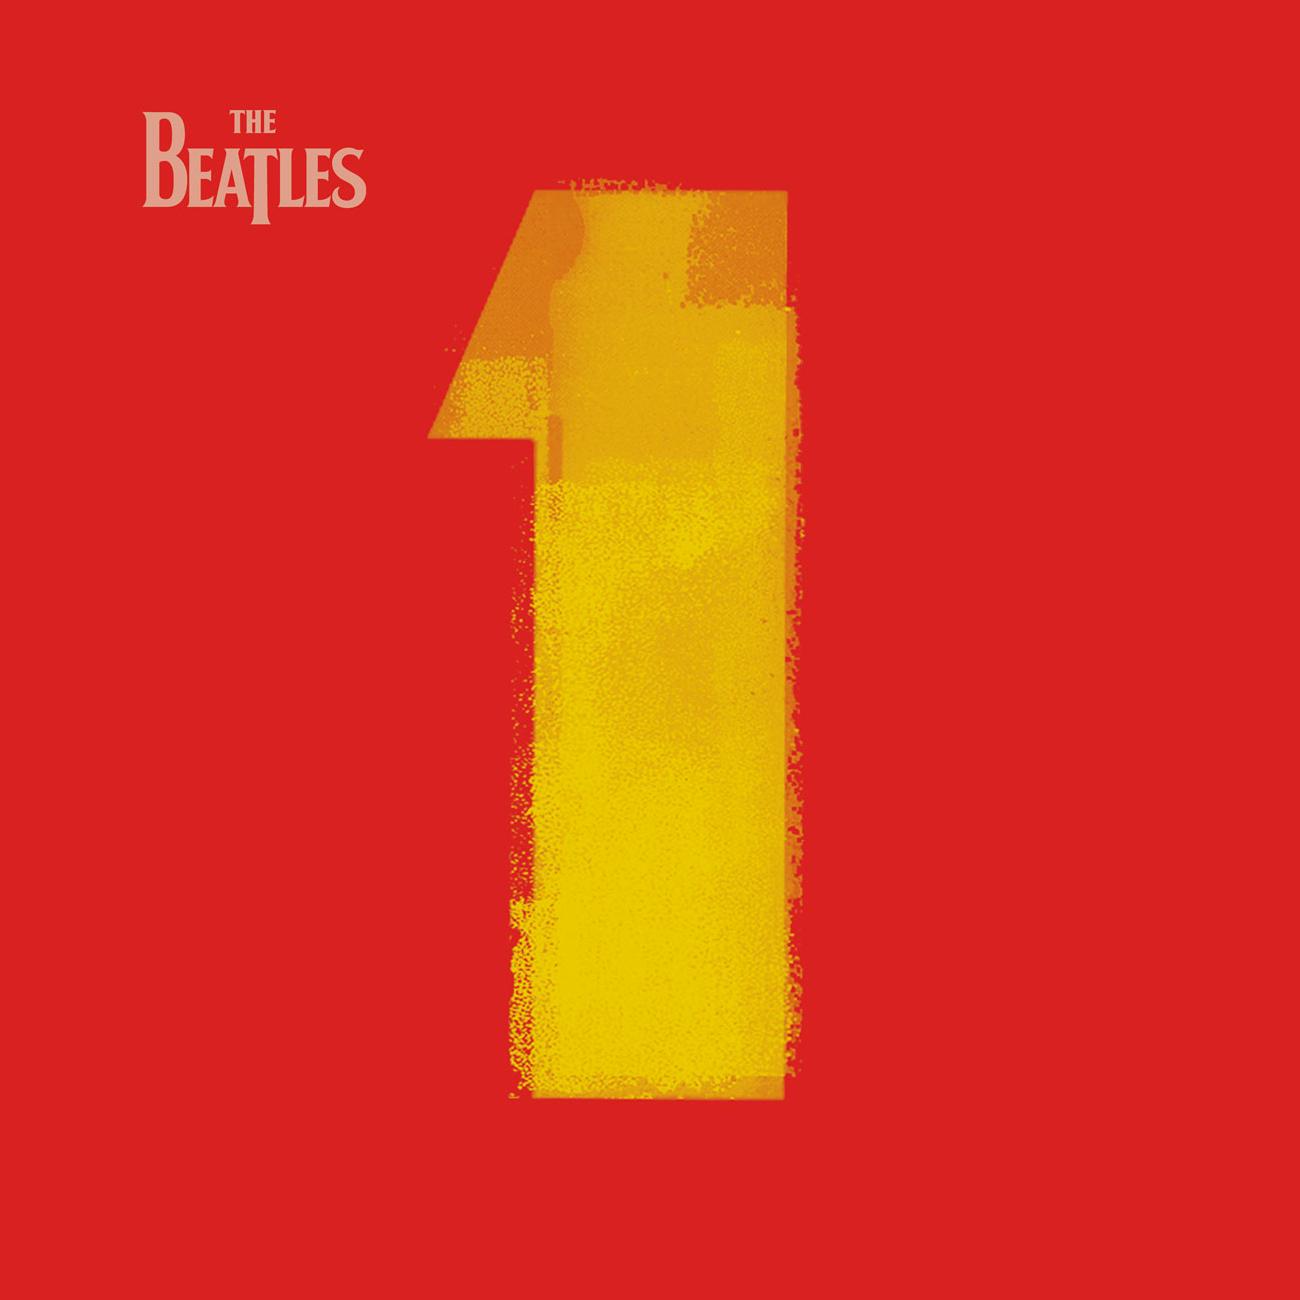 Álbum 1, dos Beatles